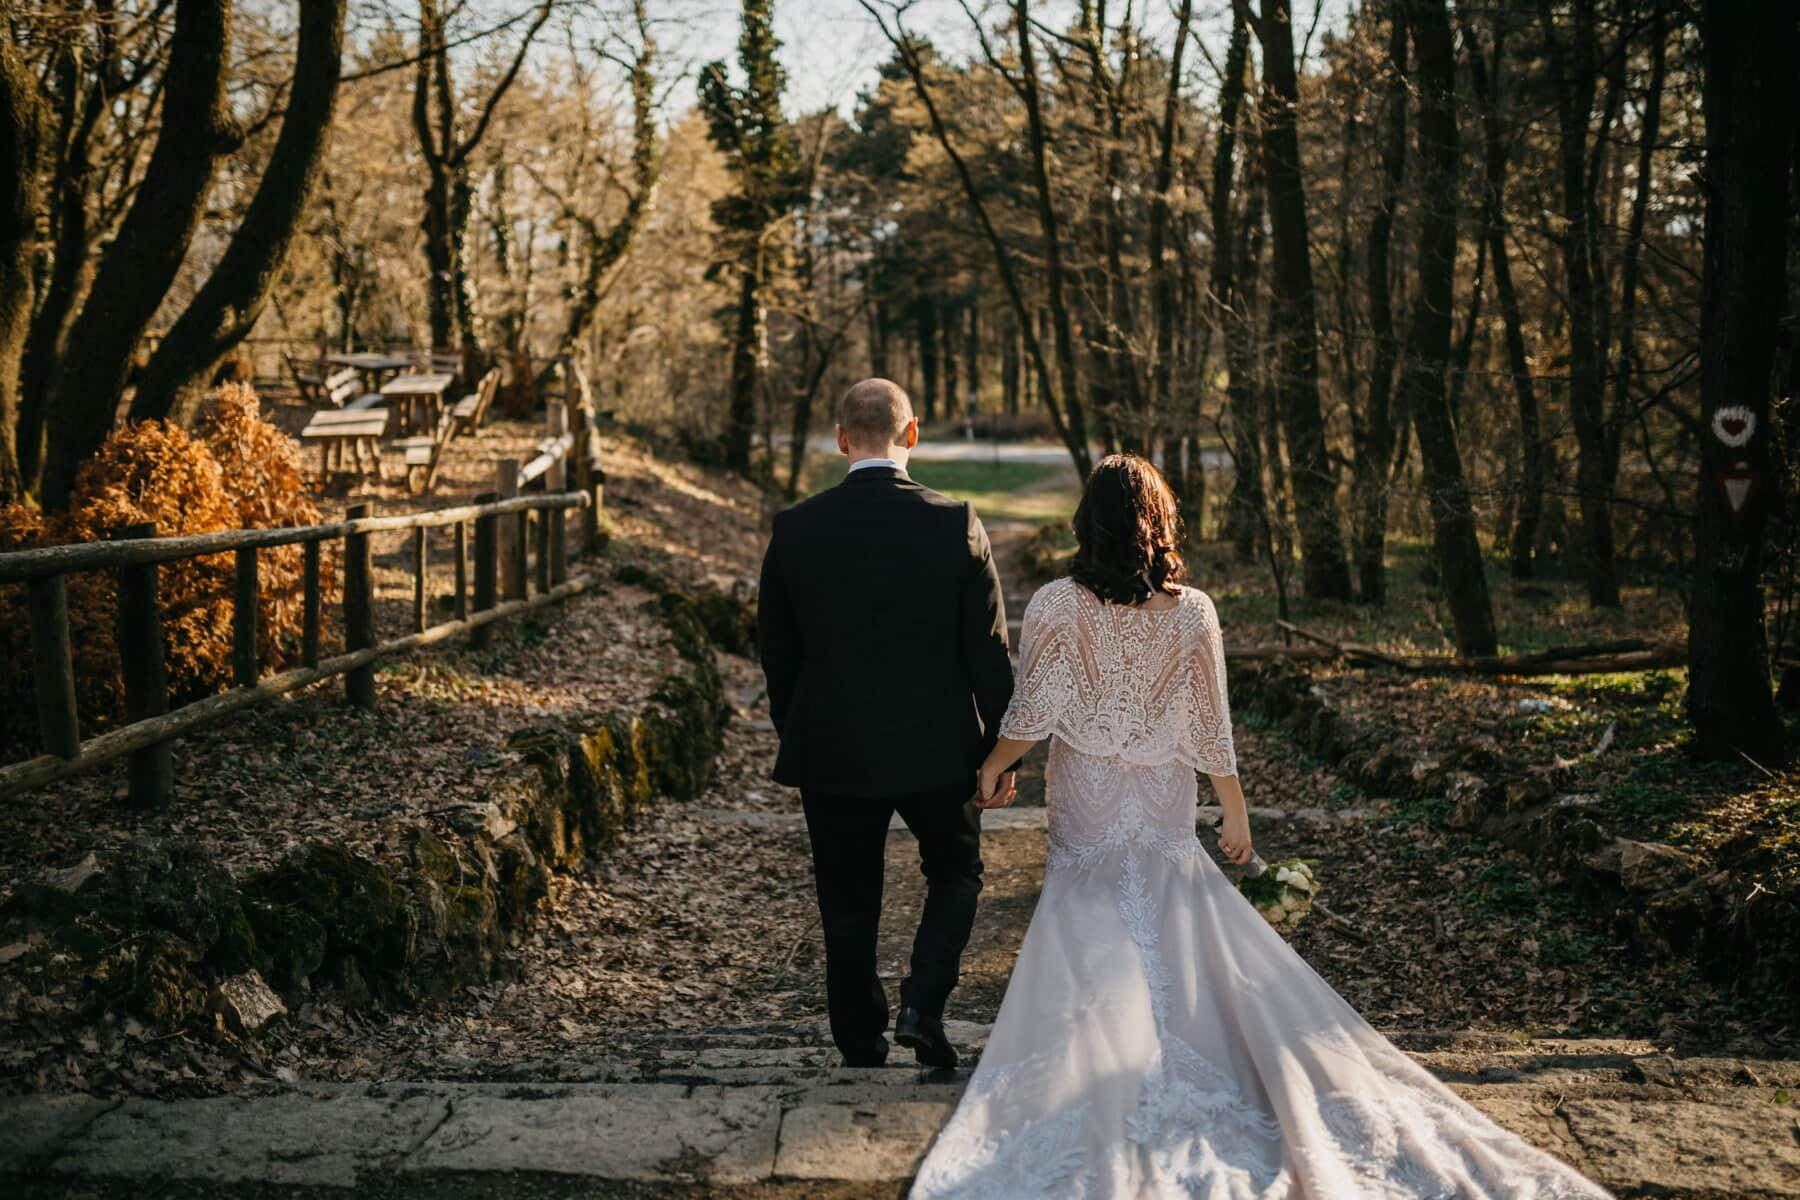 descente, date d'amour, jeune marié, marche, la mariée, une randonnée, mariage, amour, robe, jeune fille